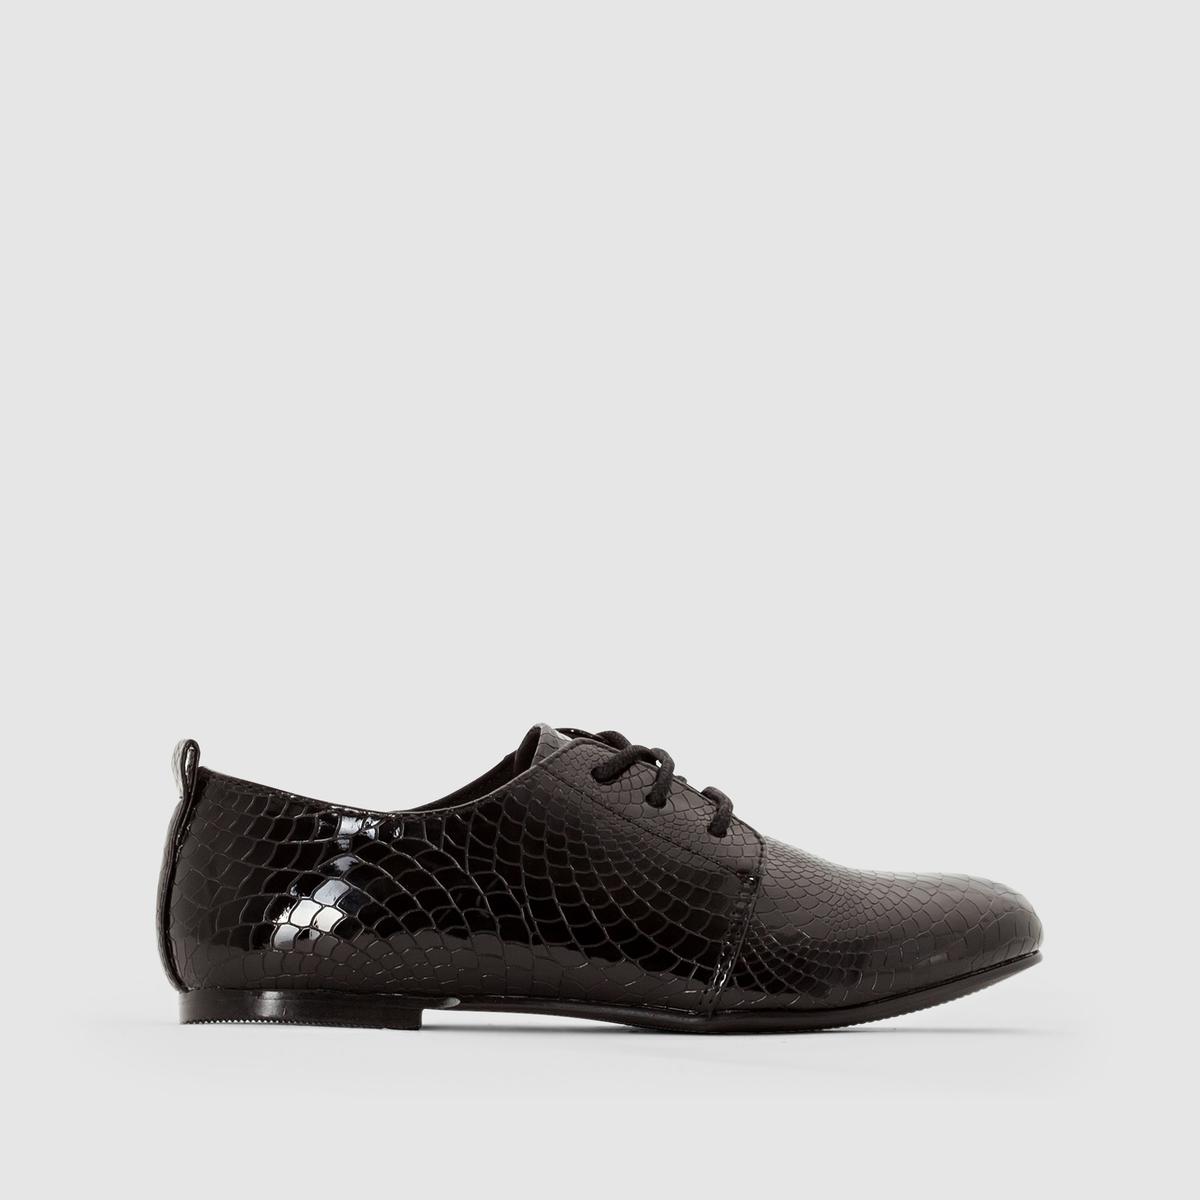 Ботинки-дерби лакированные с отделкой под кожу крокодила от La Redoute